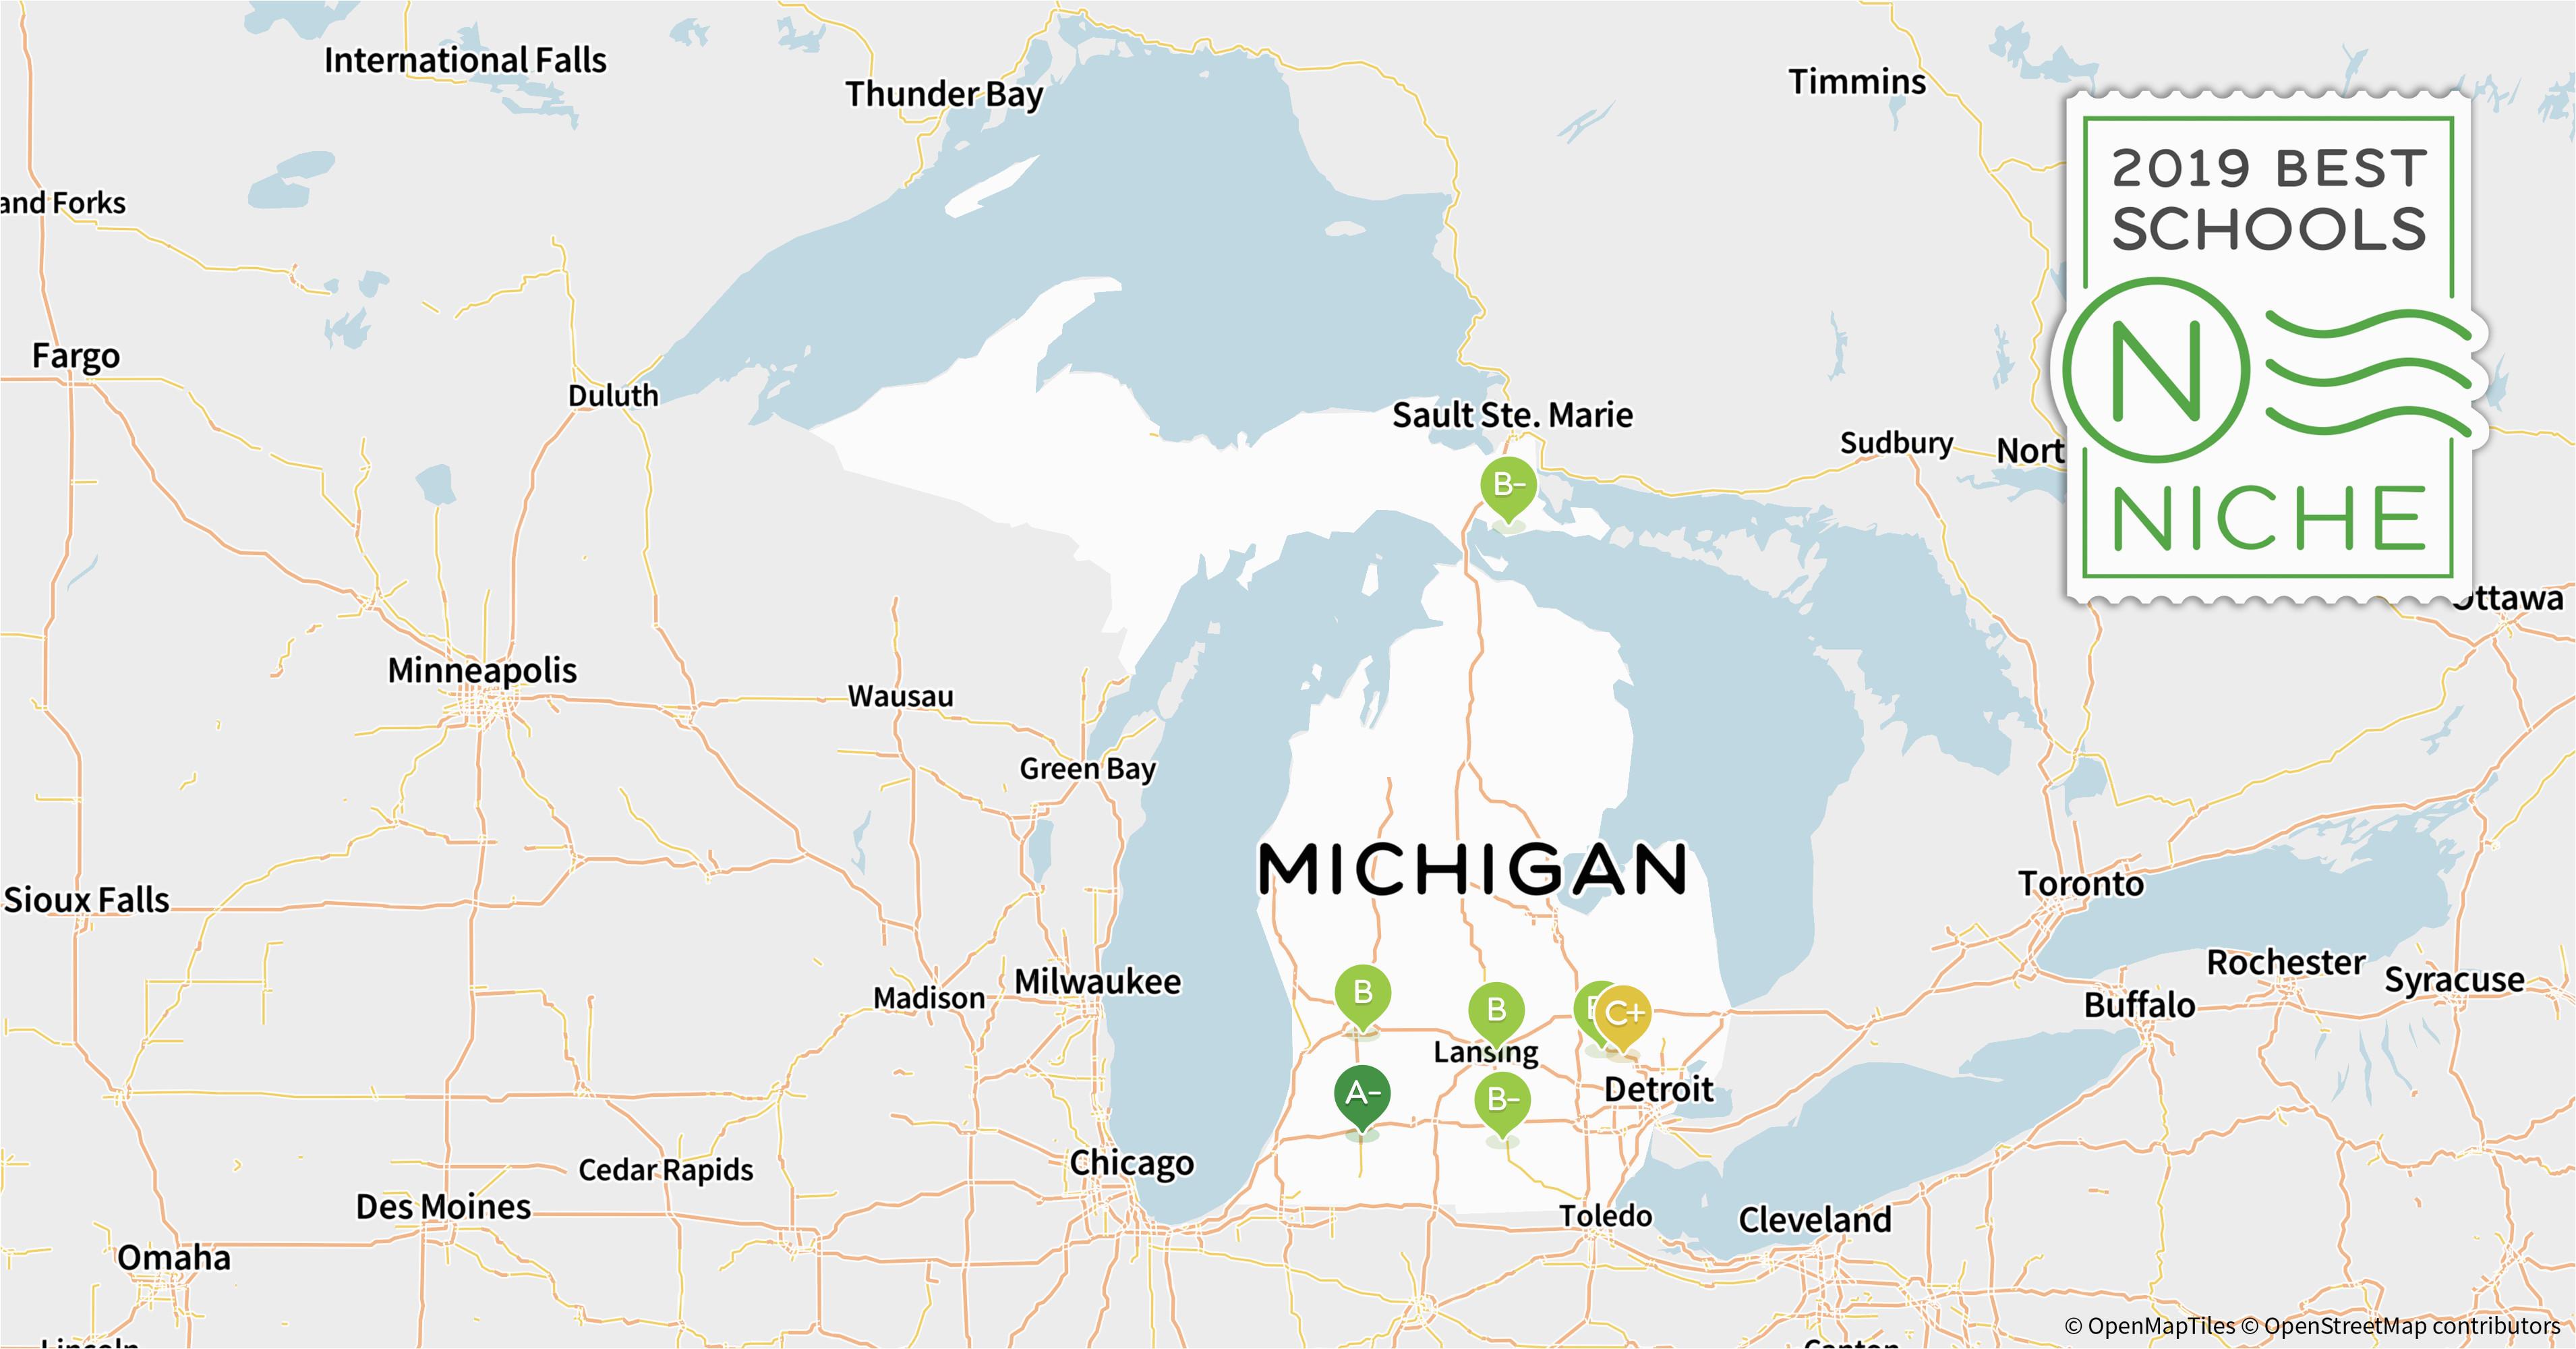 Michigan School District Maps 2019 Best Online High Schools In Michigan Niche